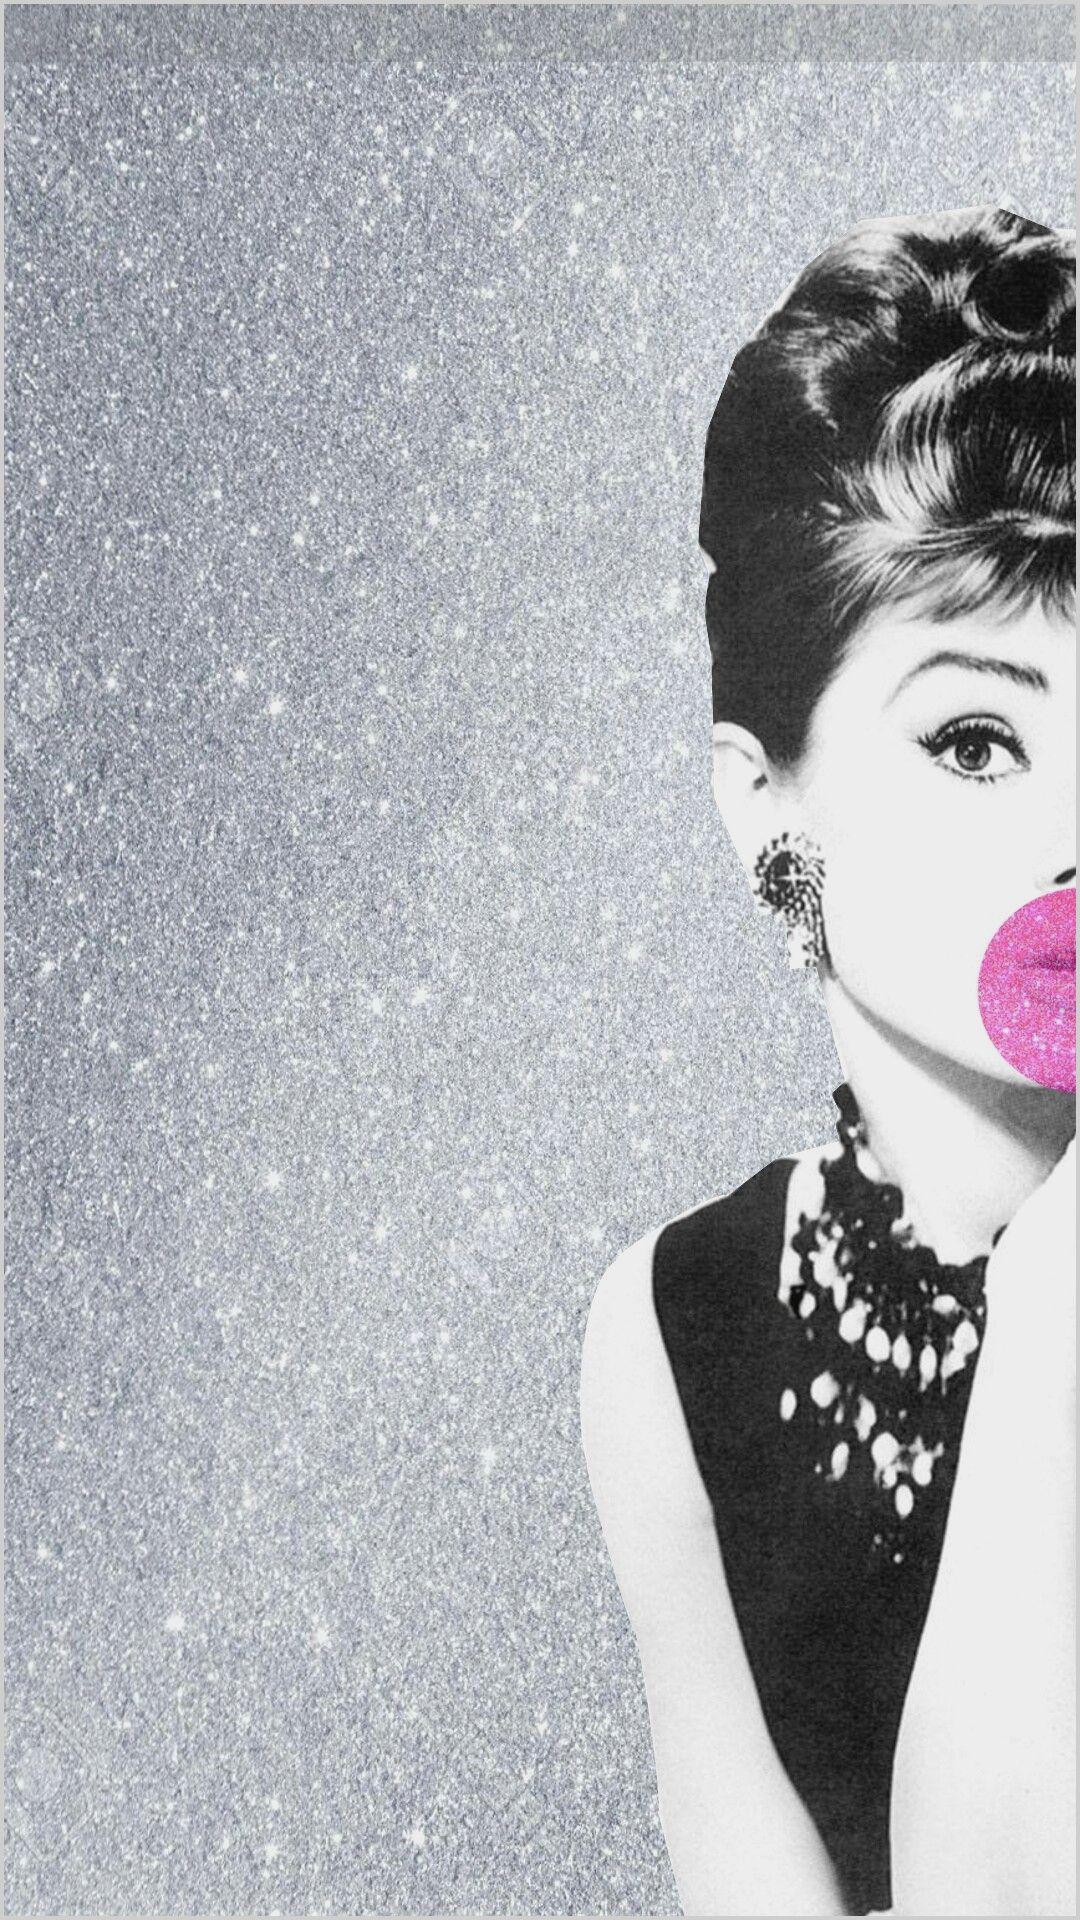 Audrey Hepburn Bedroom Mural Ideas in 2020 Audrey